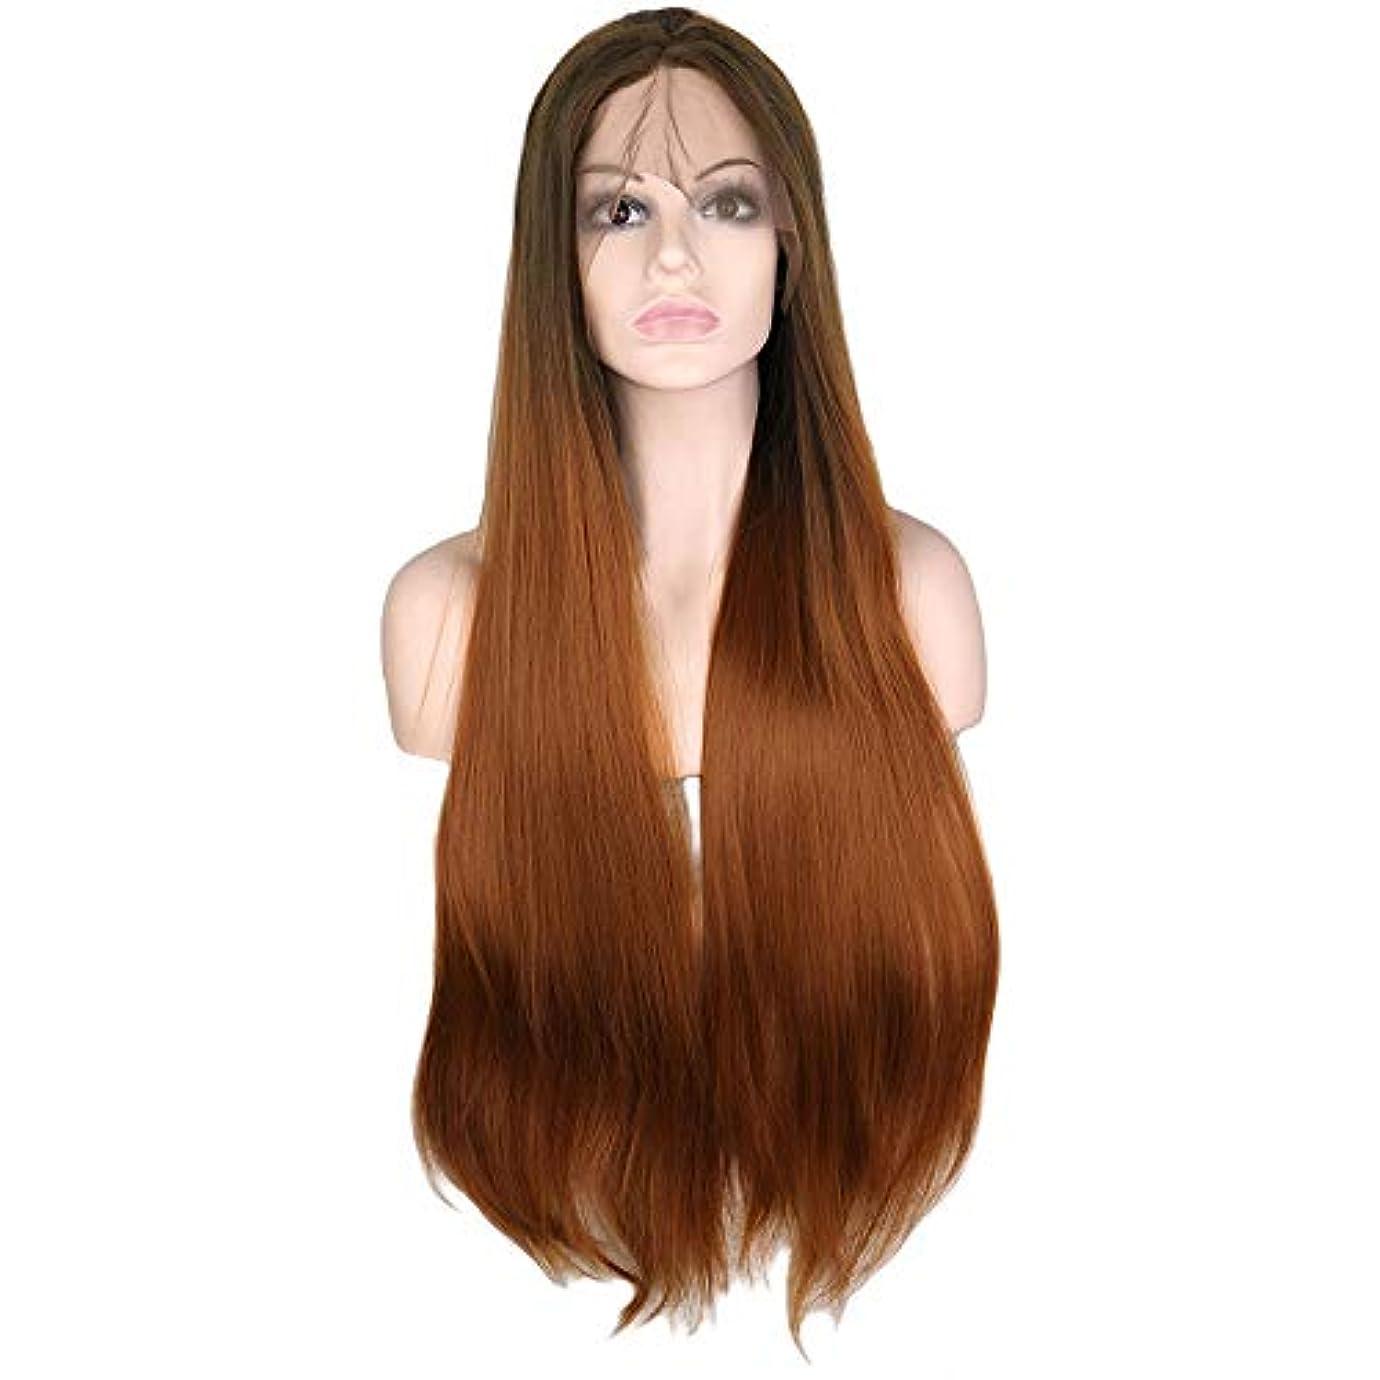 委員長国籍ひねくれたウィッグ つけ毛 30インチレースフロントウィッグオンブルブラウンロングストレートウィッグミドルパートコスプレコスチュームデイリーパーティーウィッグ本物の髪を持つ女性 (色 : Ombre Brown, サイズ : 30